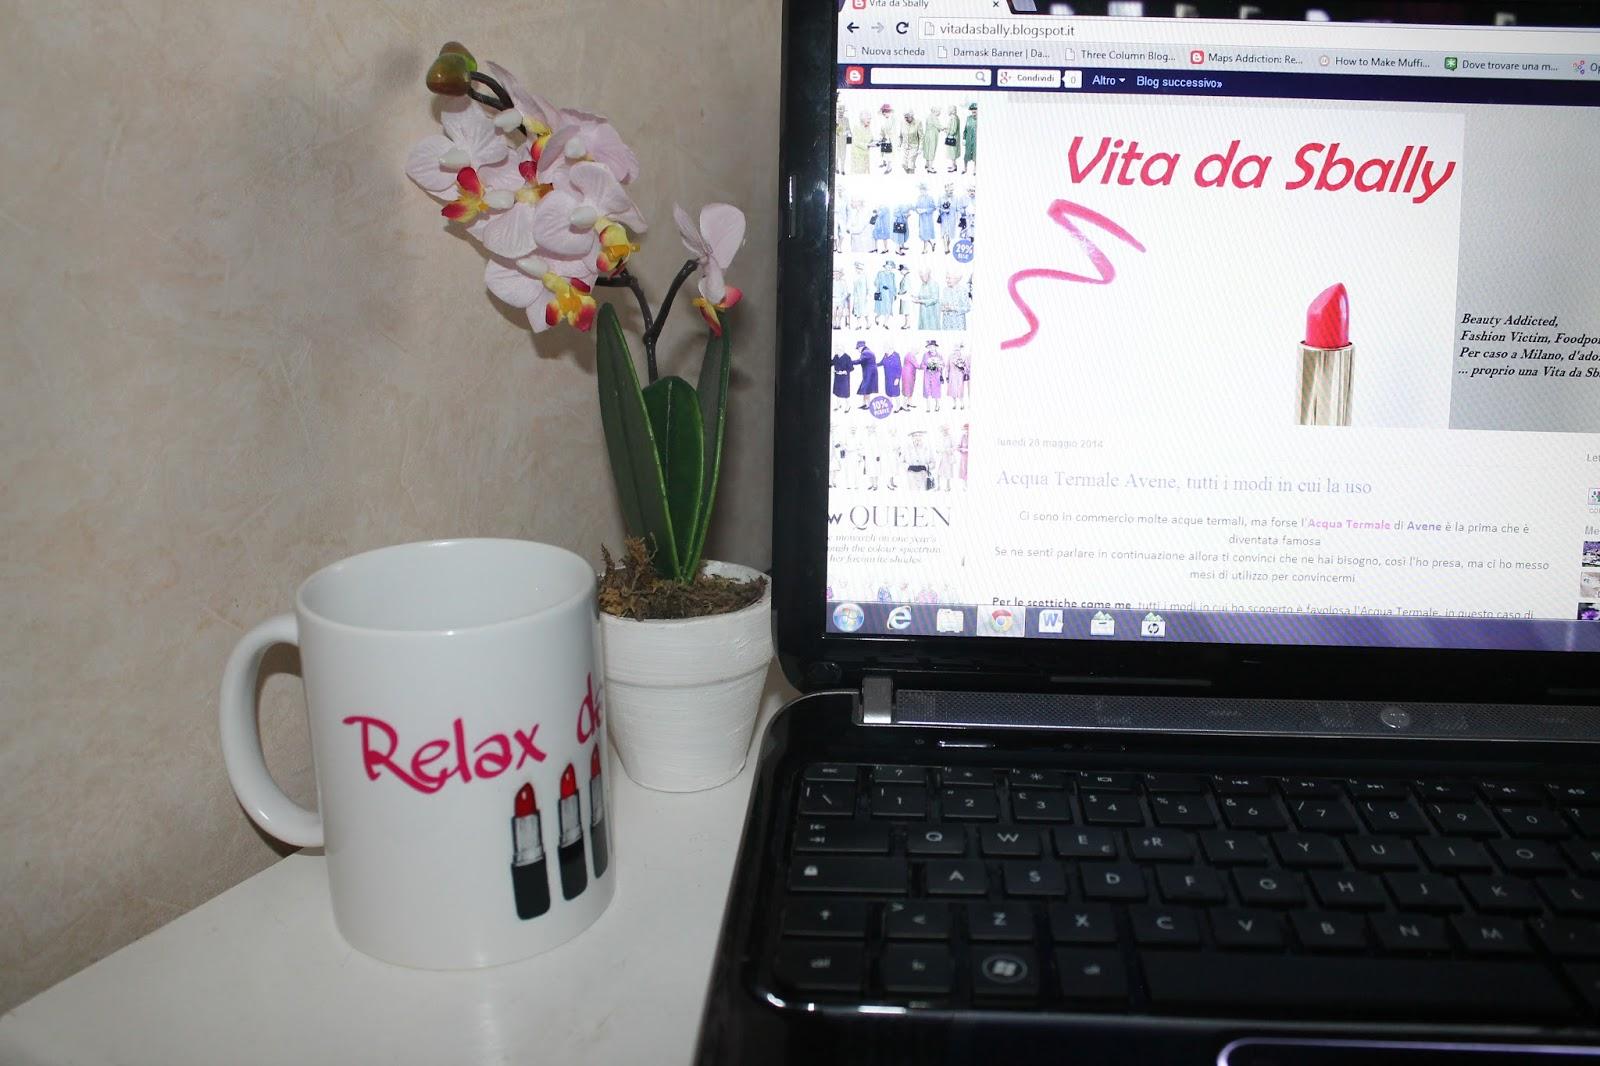 Vita da sbally photos la mia tazza personalizzata for Casa personalizzata online